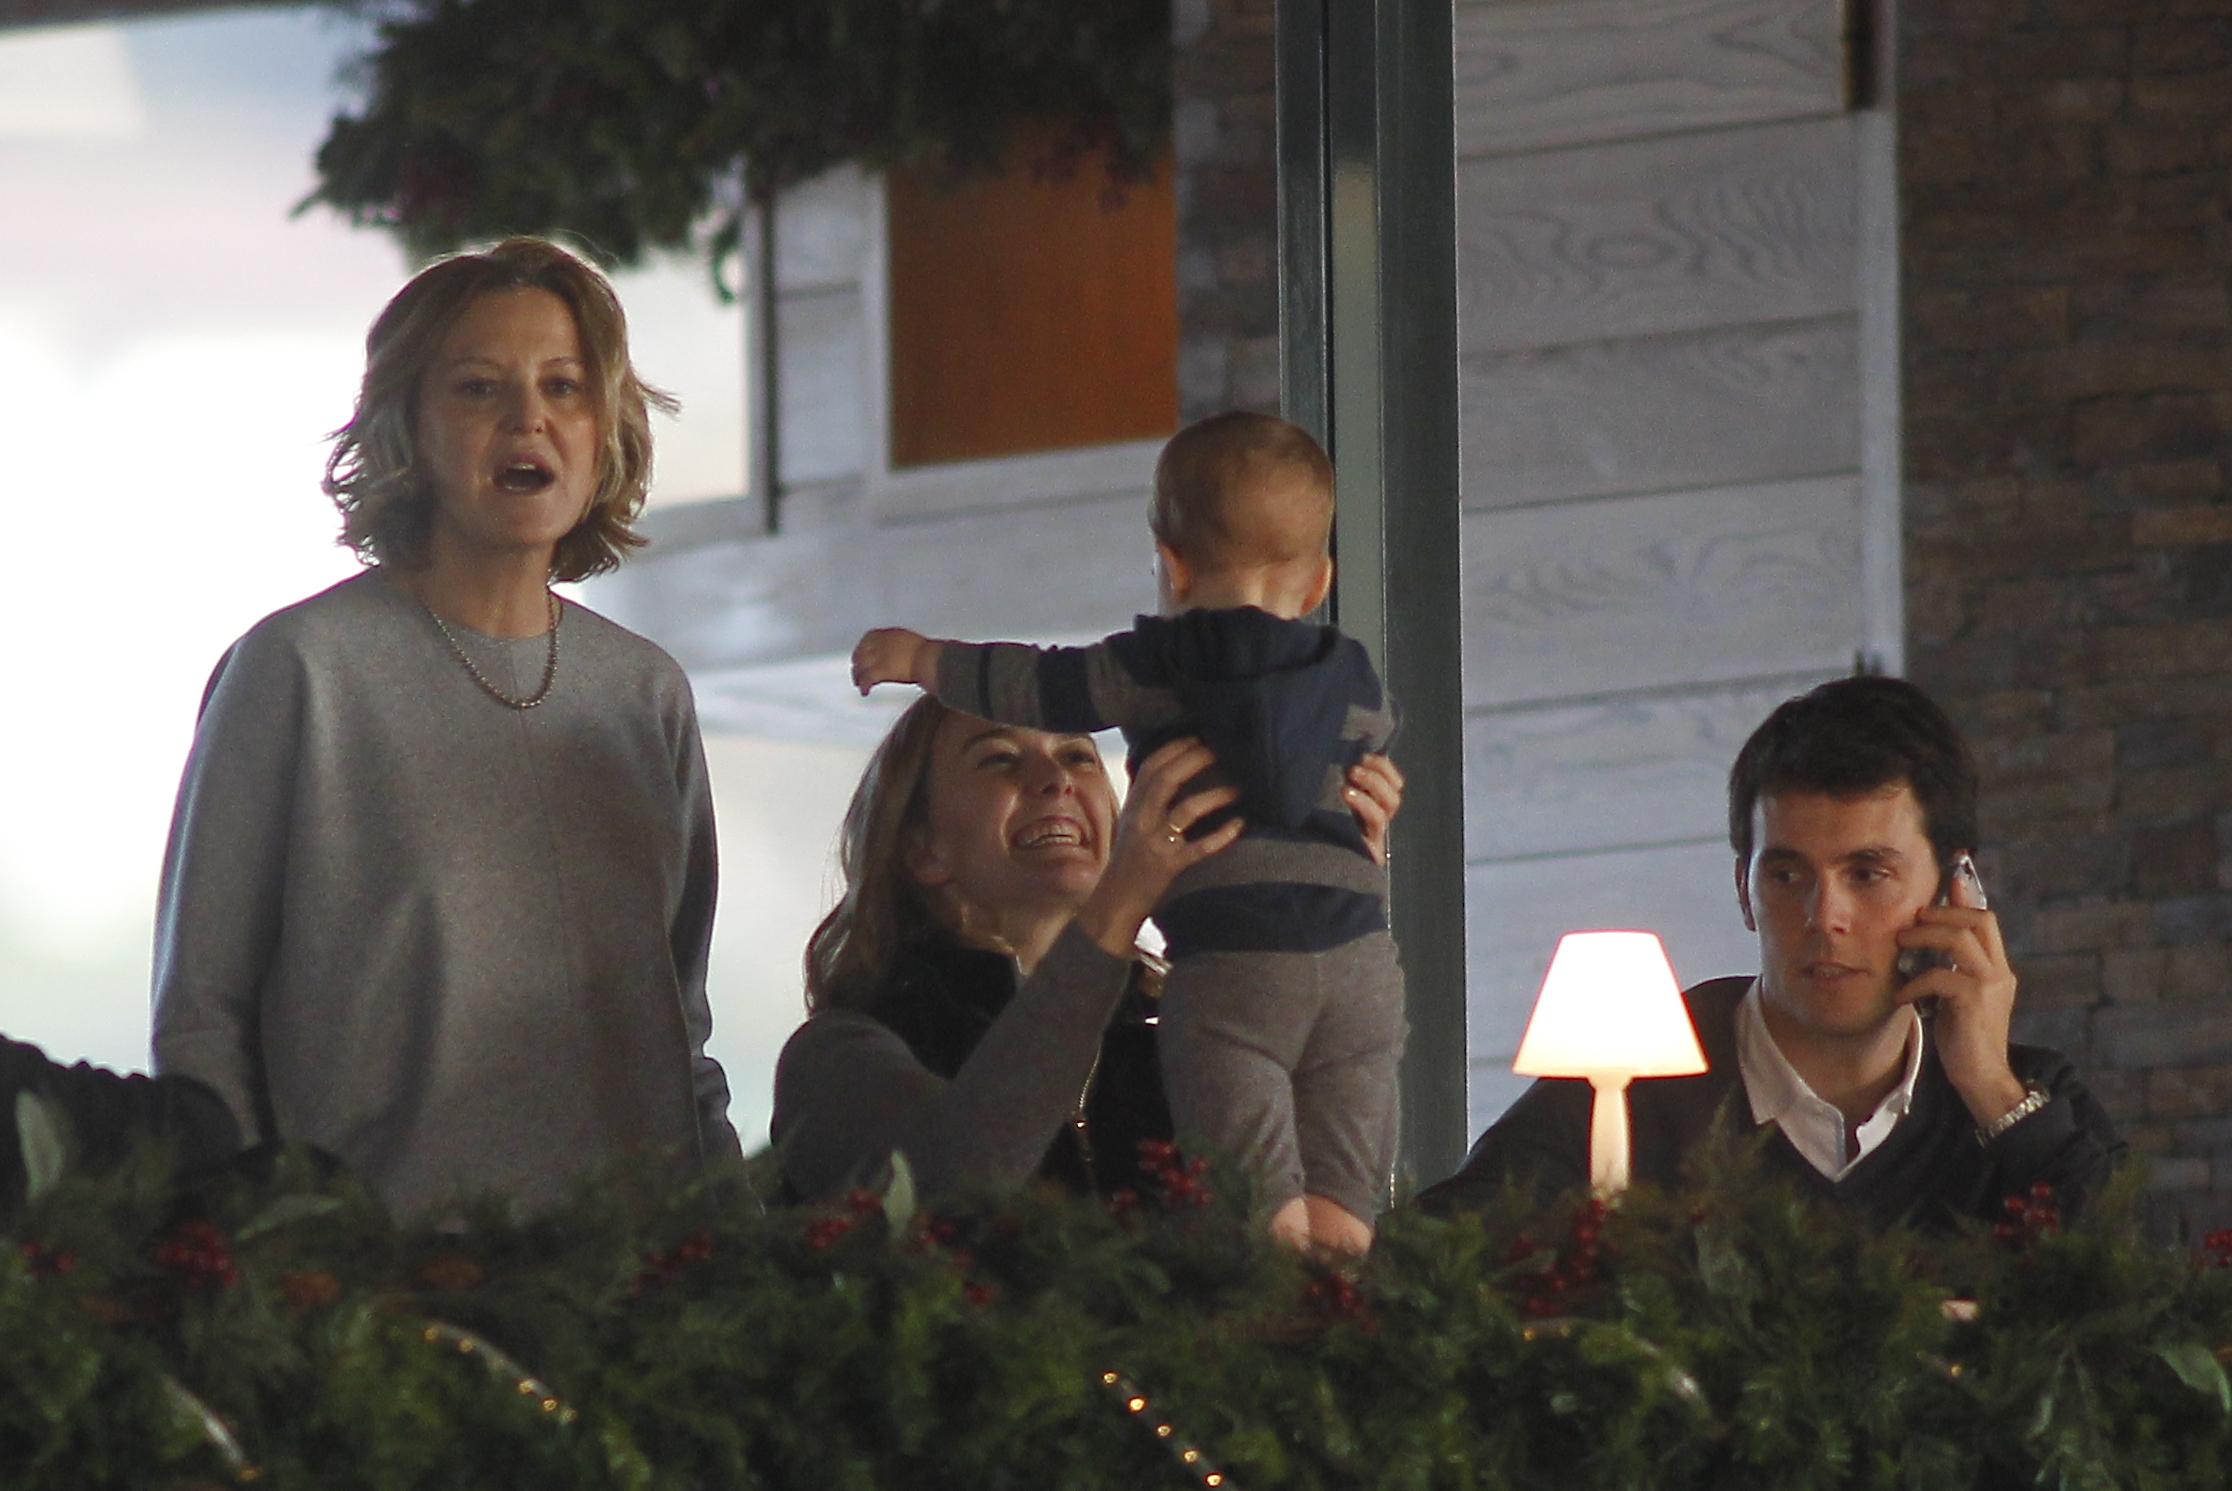 Флора Перес Маркотe проводит много времени с детьми мужа от первого брака. Фото: SPLASH NEWS